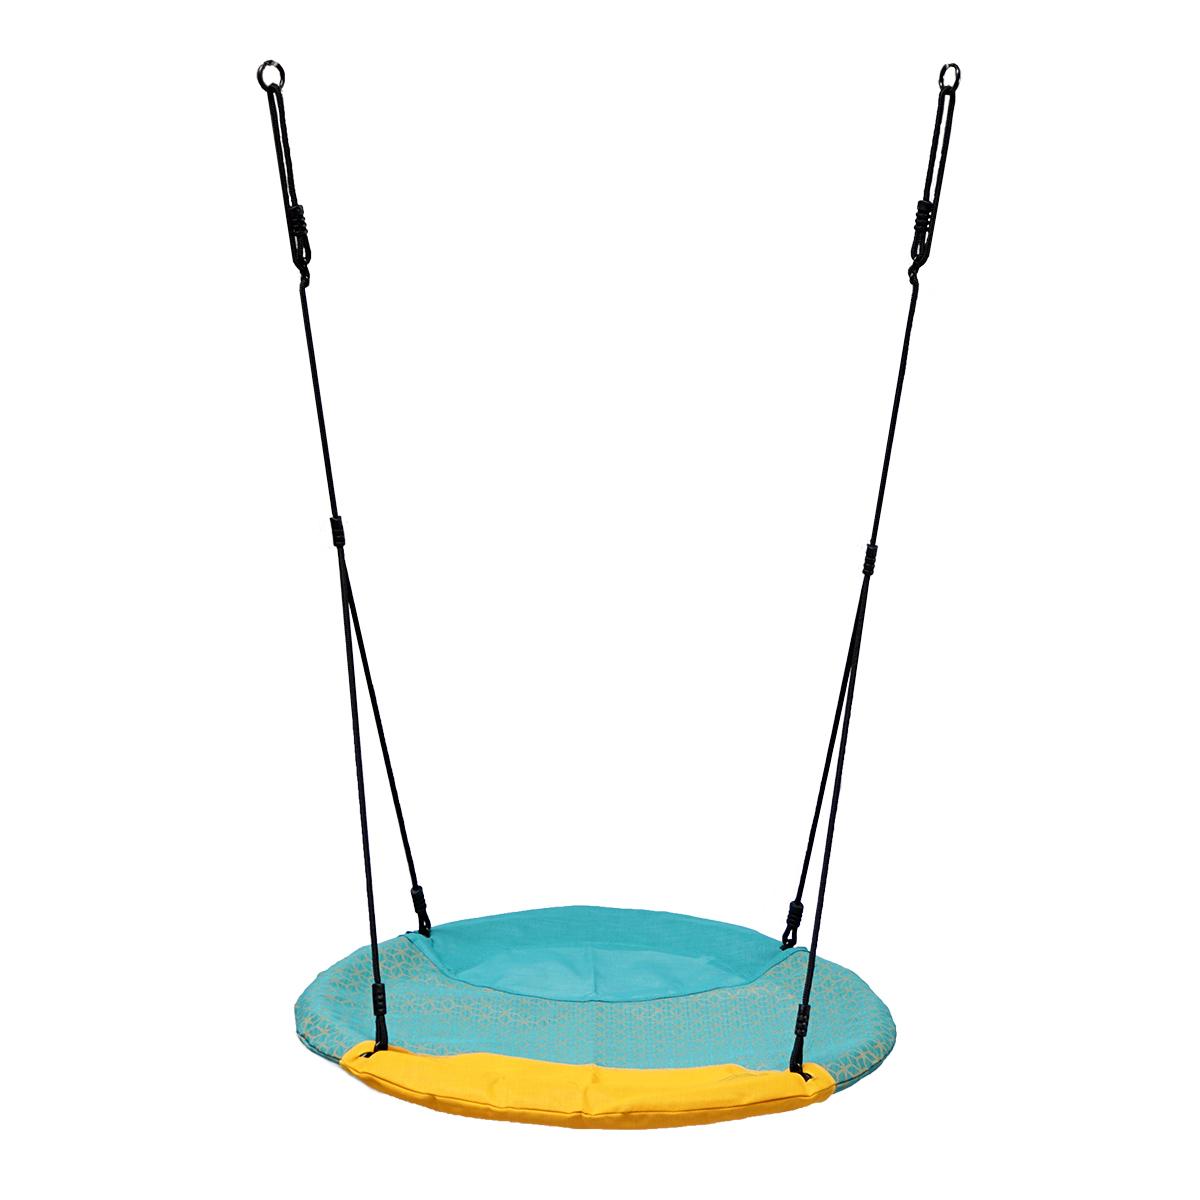 KBT Nestschommel Winkoh turqouise/geel, diam. 100 cm